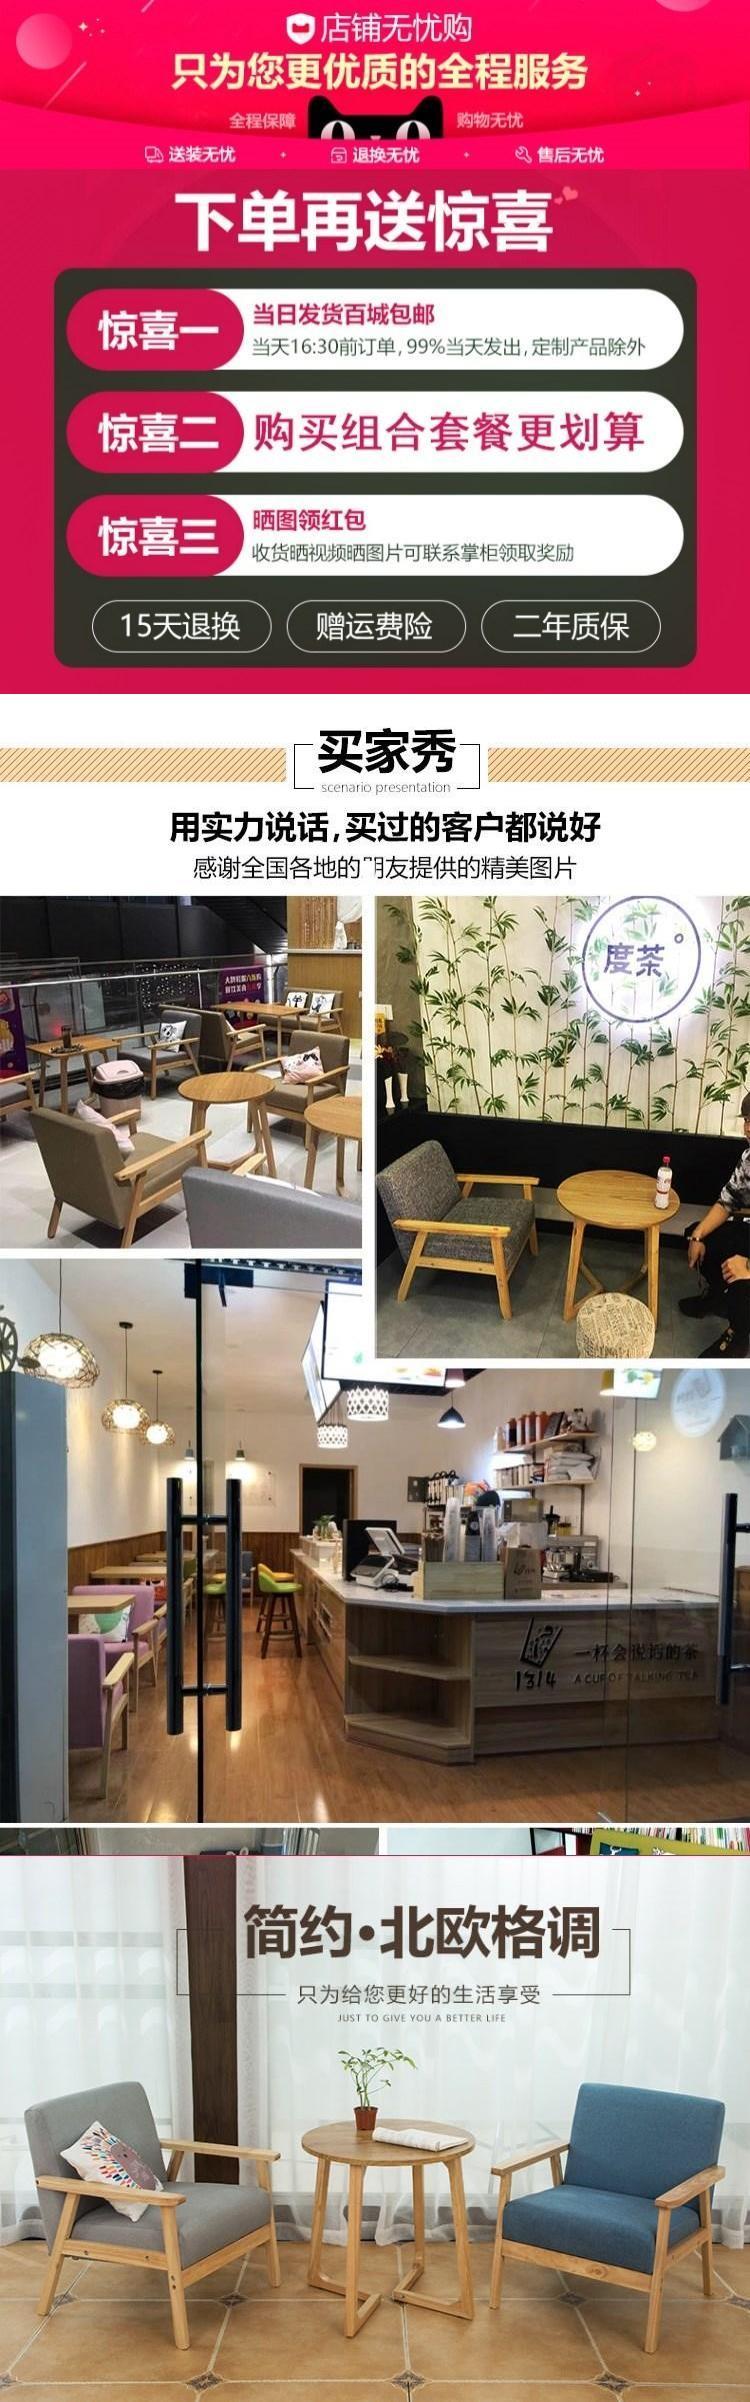 奶茶店沙发椅子甜品清新组合c简约桌椅办公休闲洽谈双人卡座咖啡